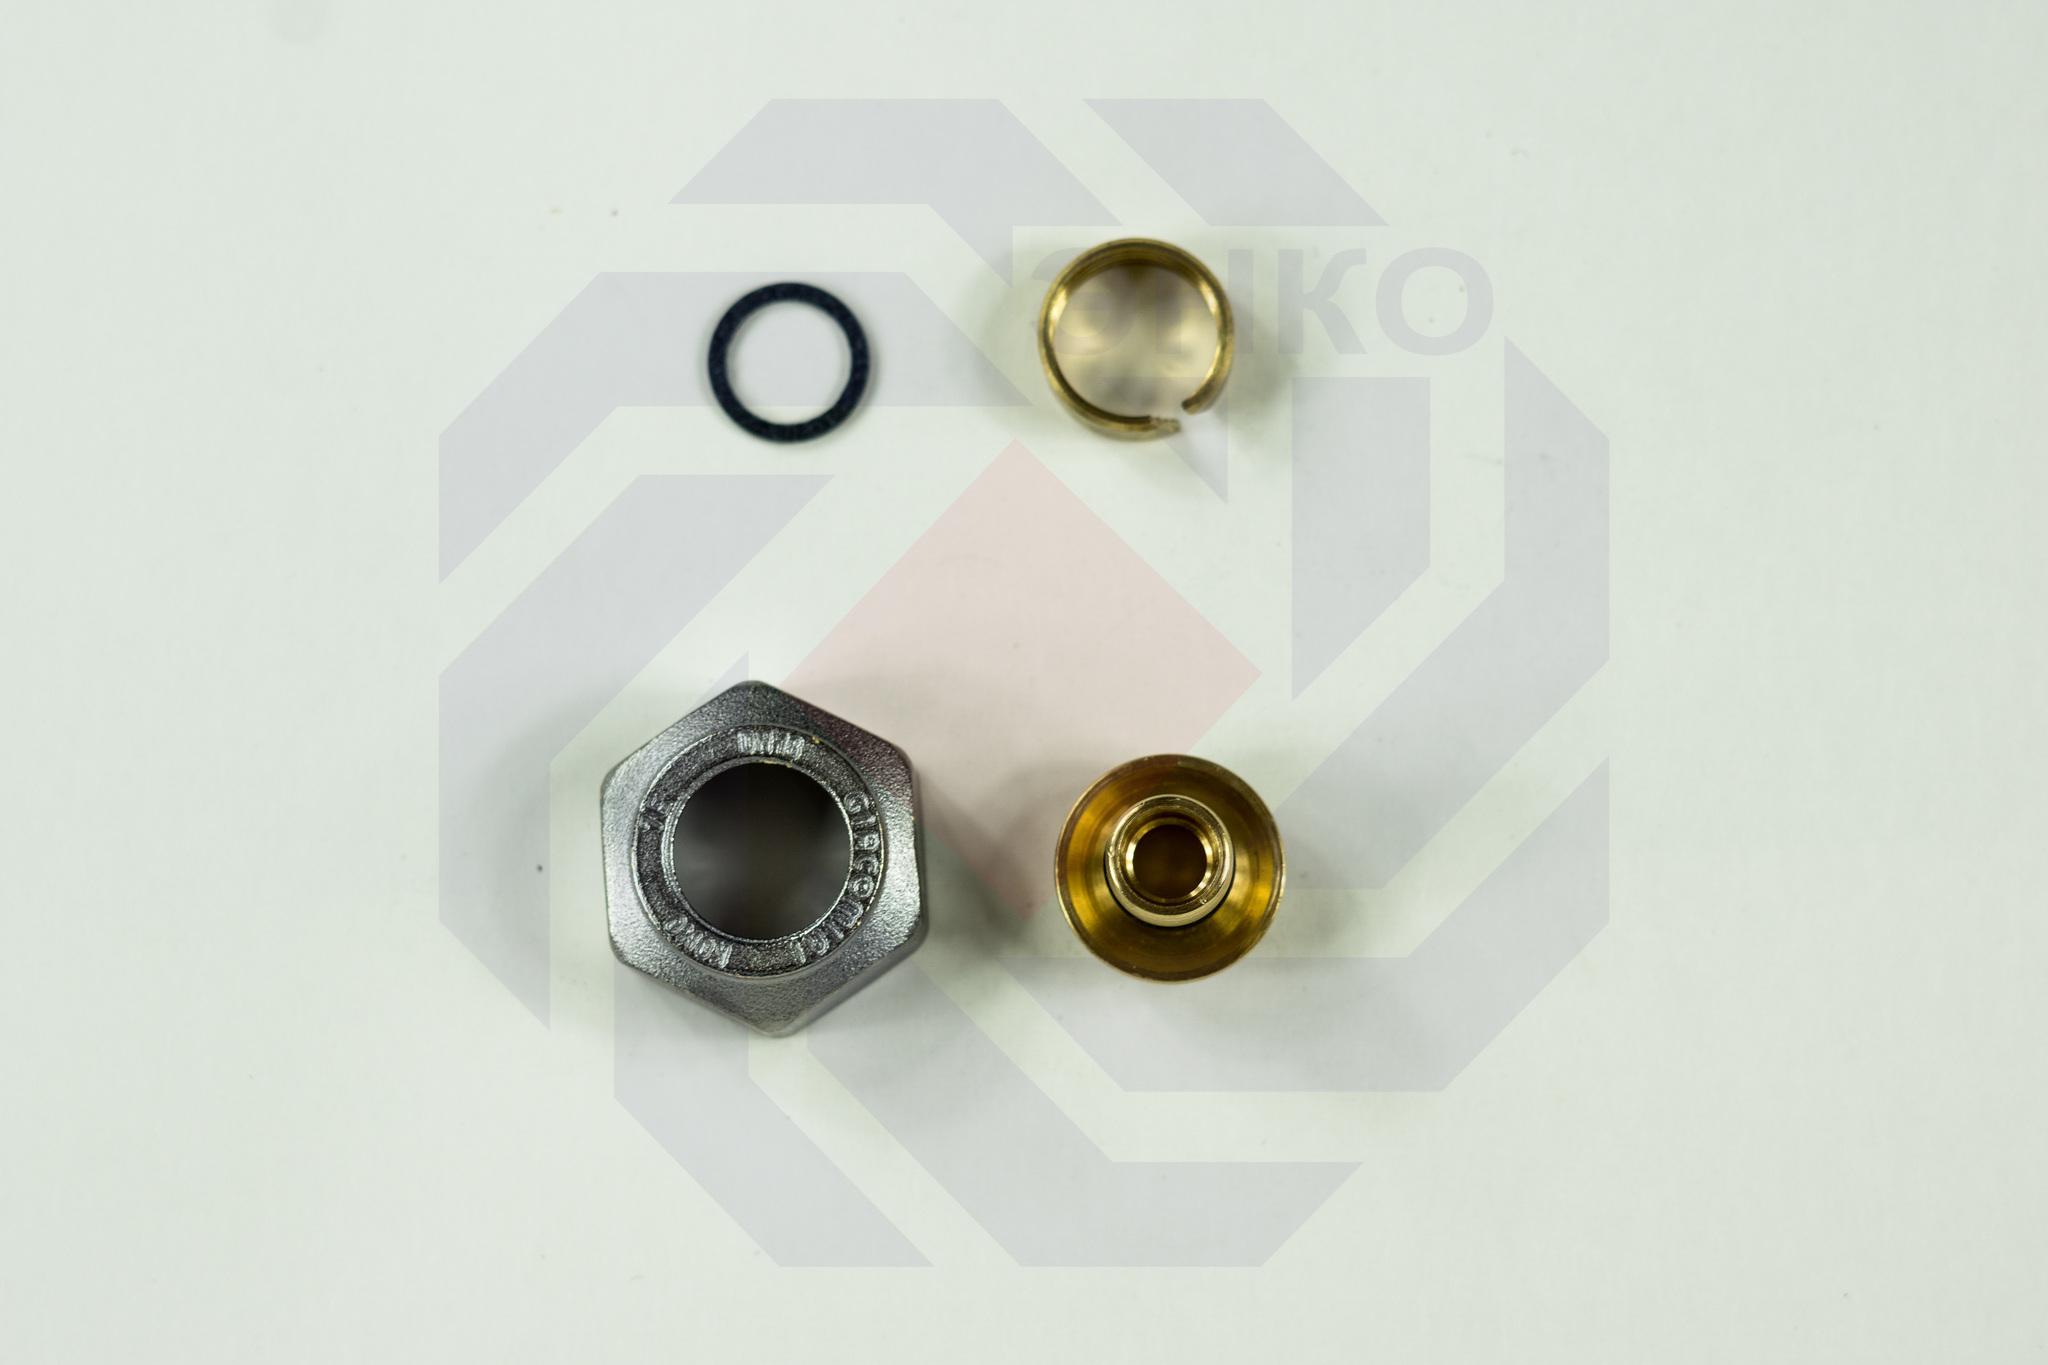 Фитинг Евроконус для труб PE-X, PE-RT, PE-X/Al/PE-X Giacomini R179E ½